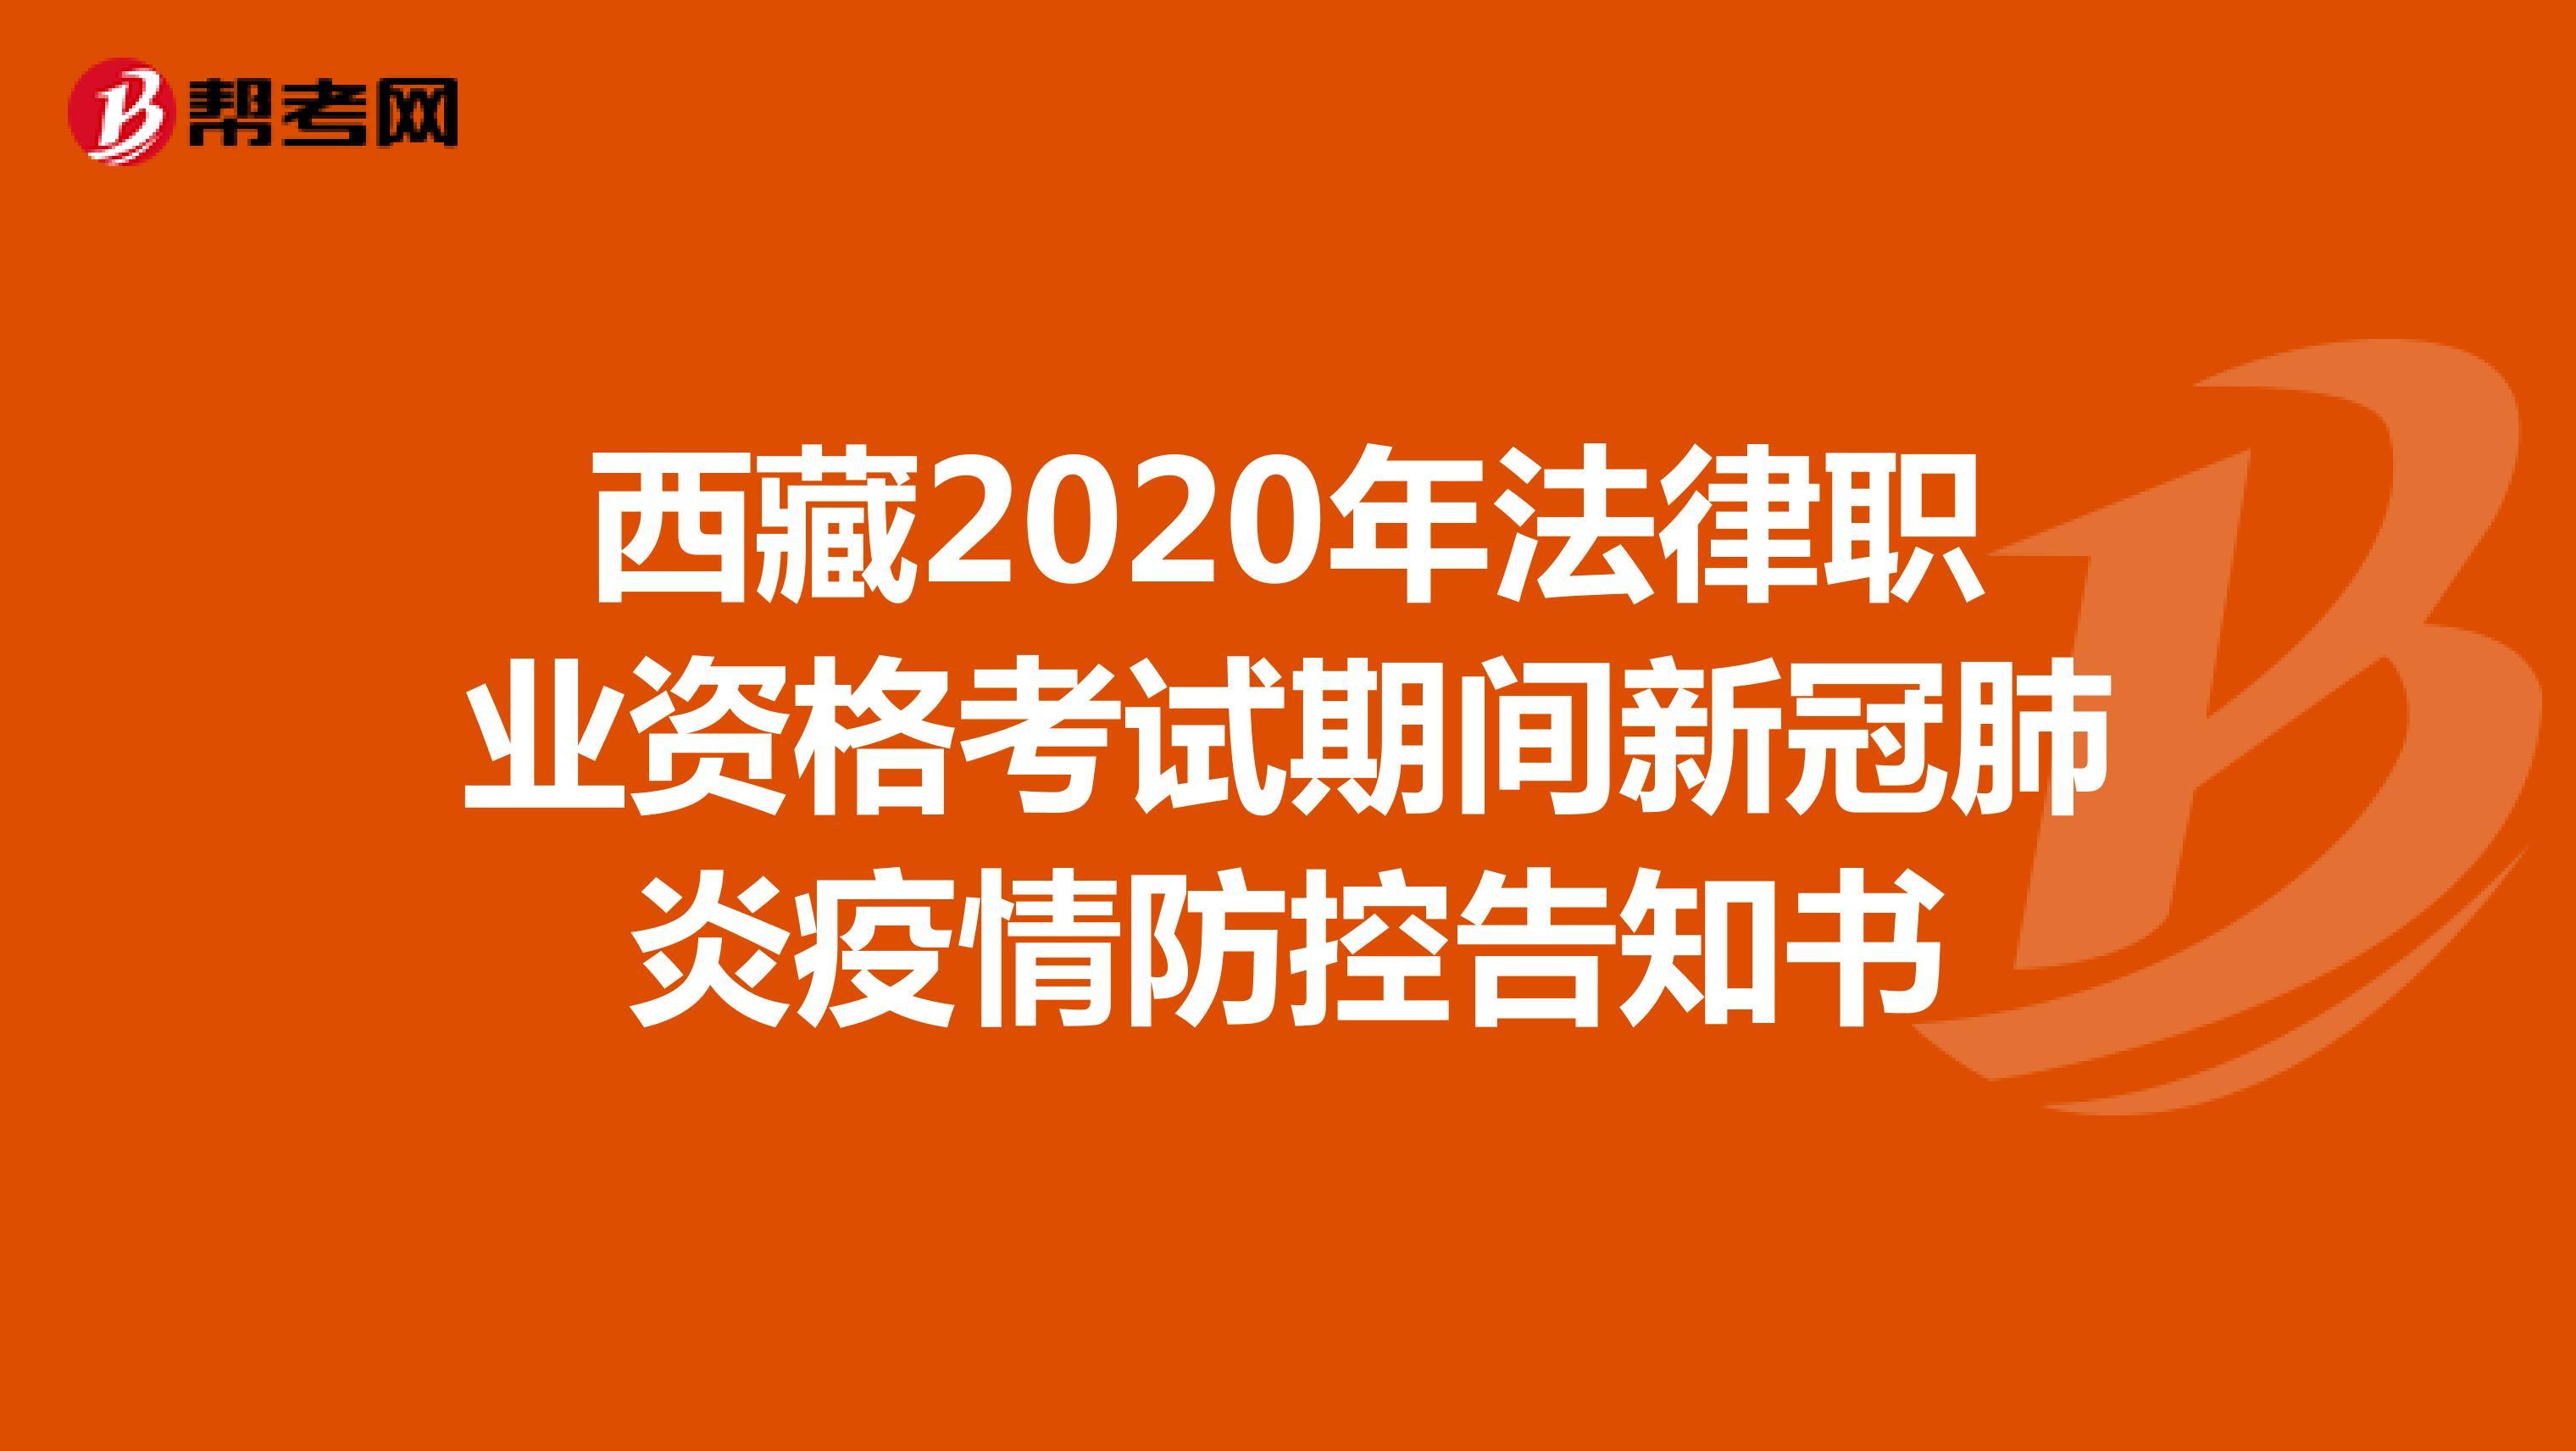 西藏2020年法律职业资格Beplay官方期间新冠肺炎疫情防控告知书